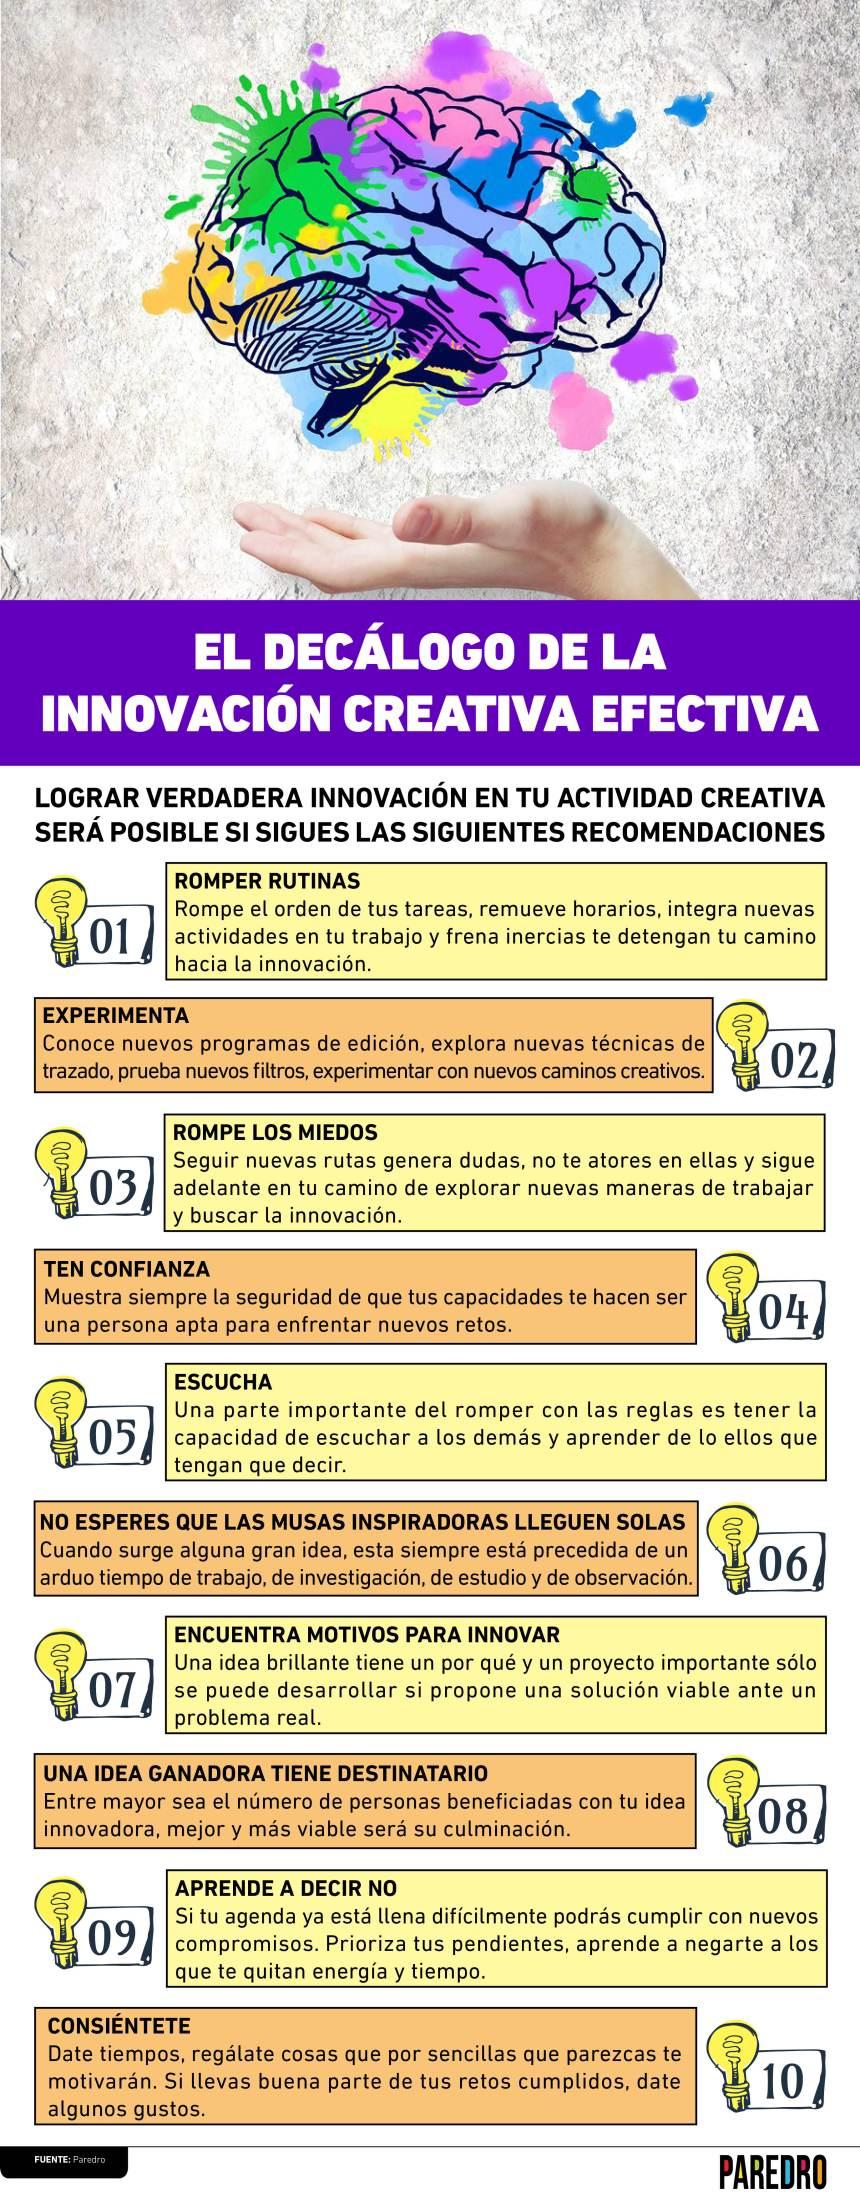 Decálogo de la innovación creativa efectiva